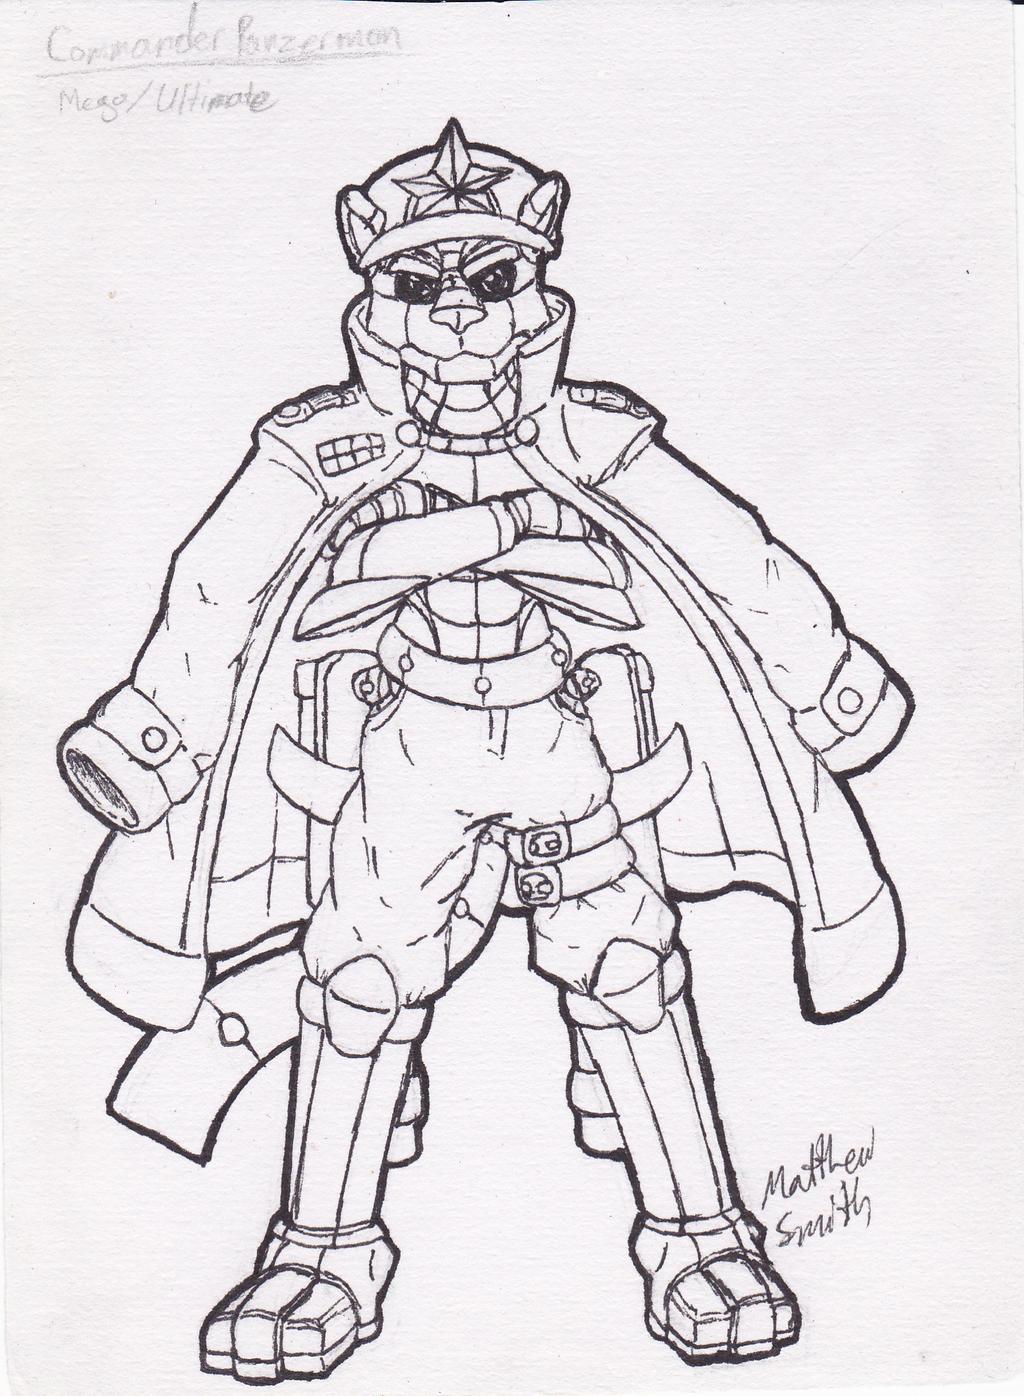 CommanderPanzermon